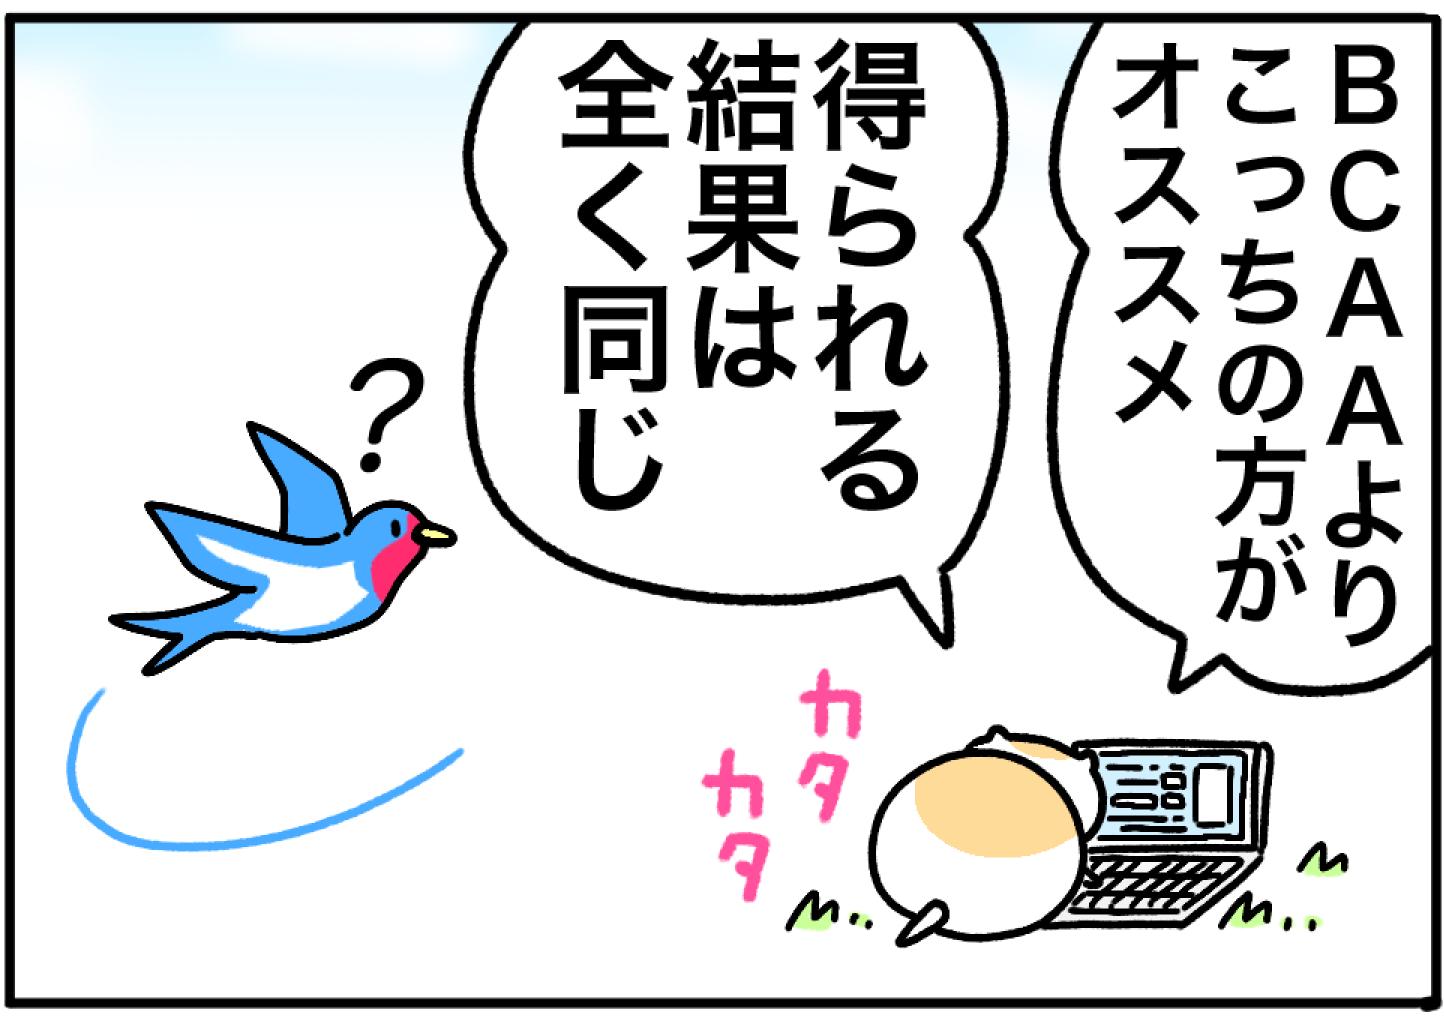 ごるちゃん【BCAAを下さい!】の巻